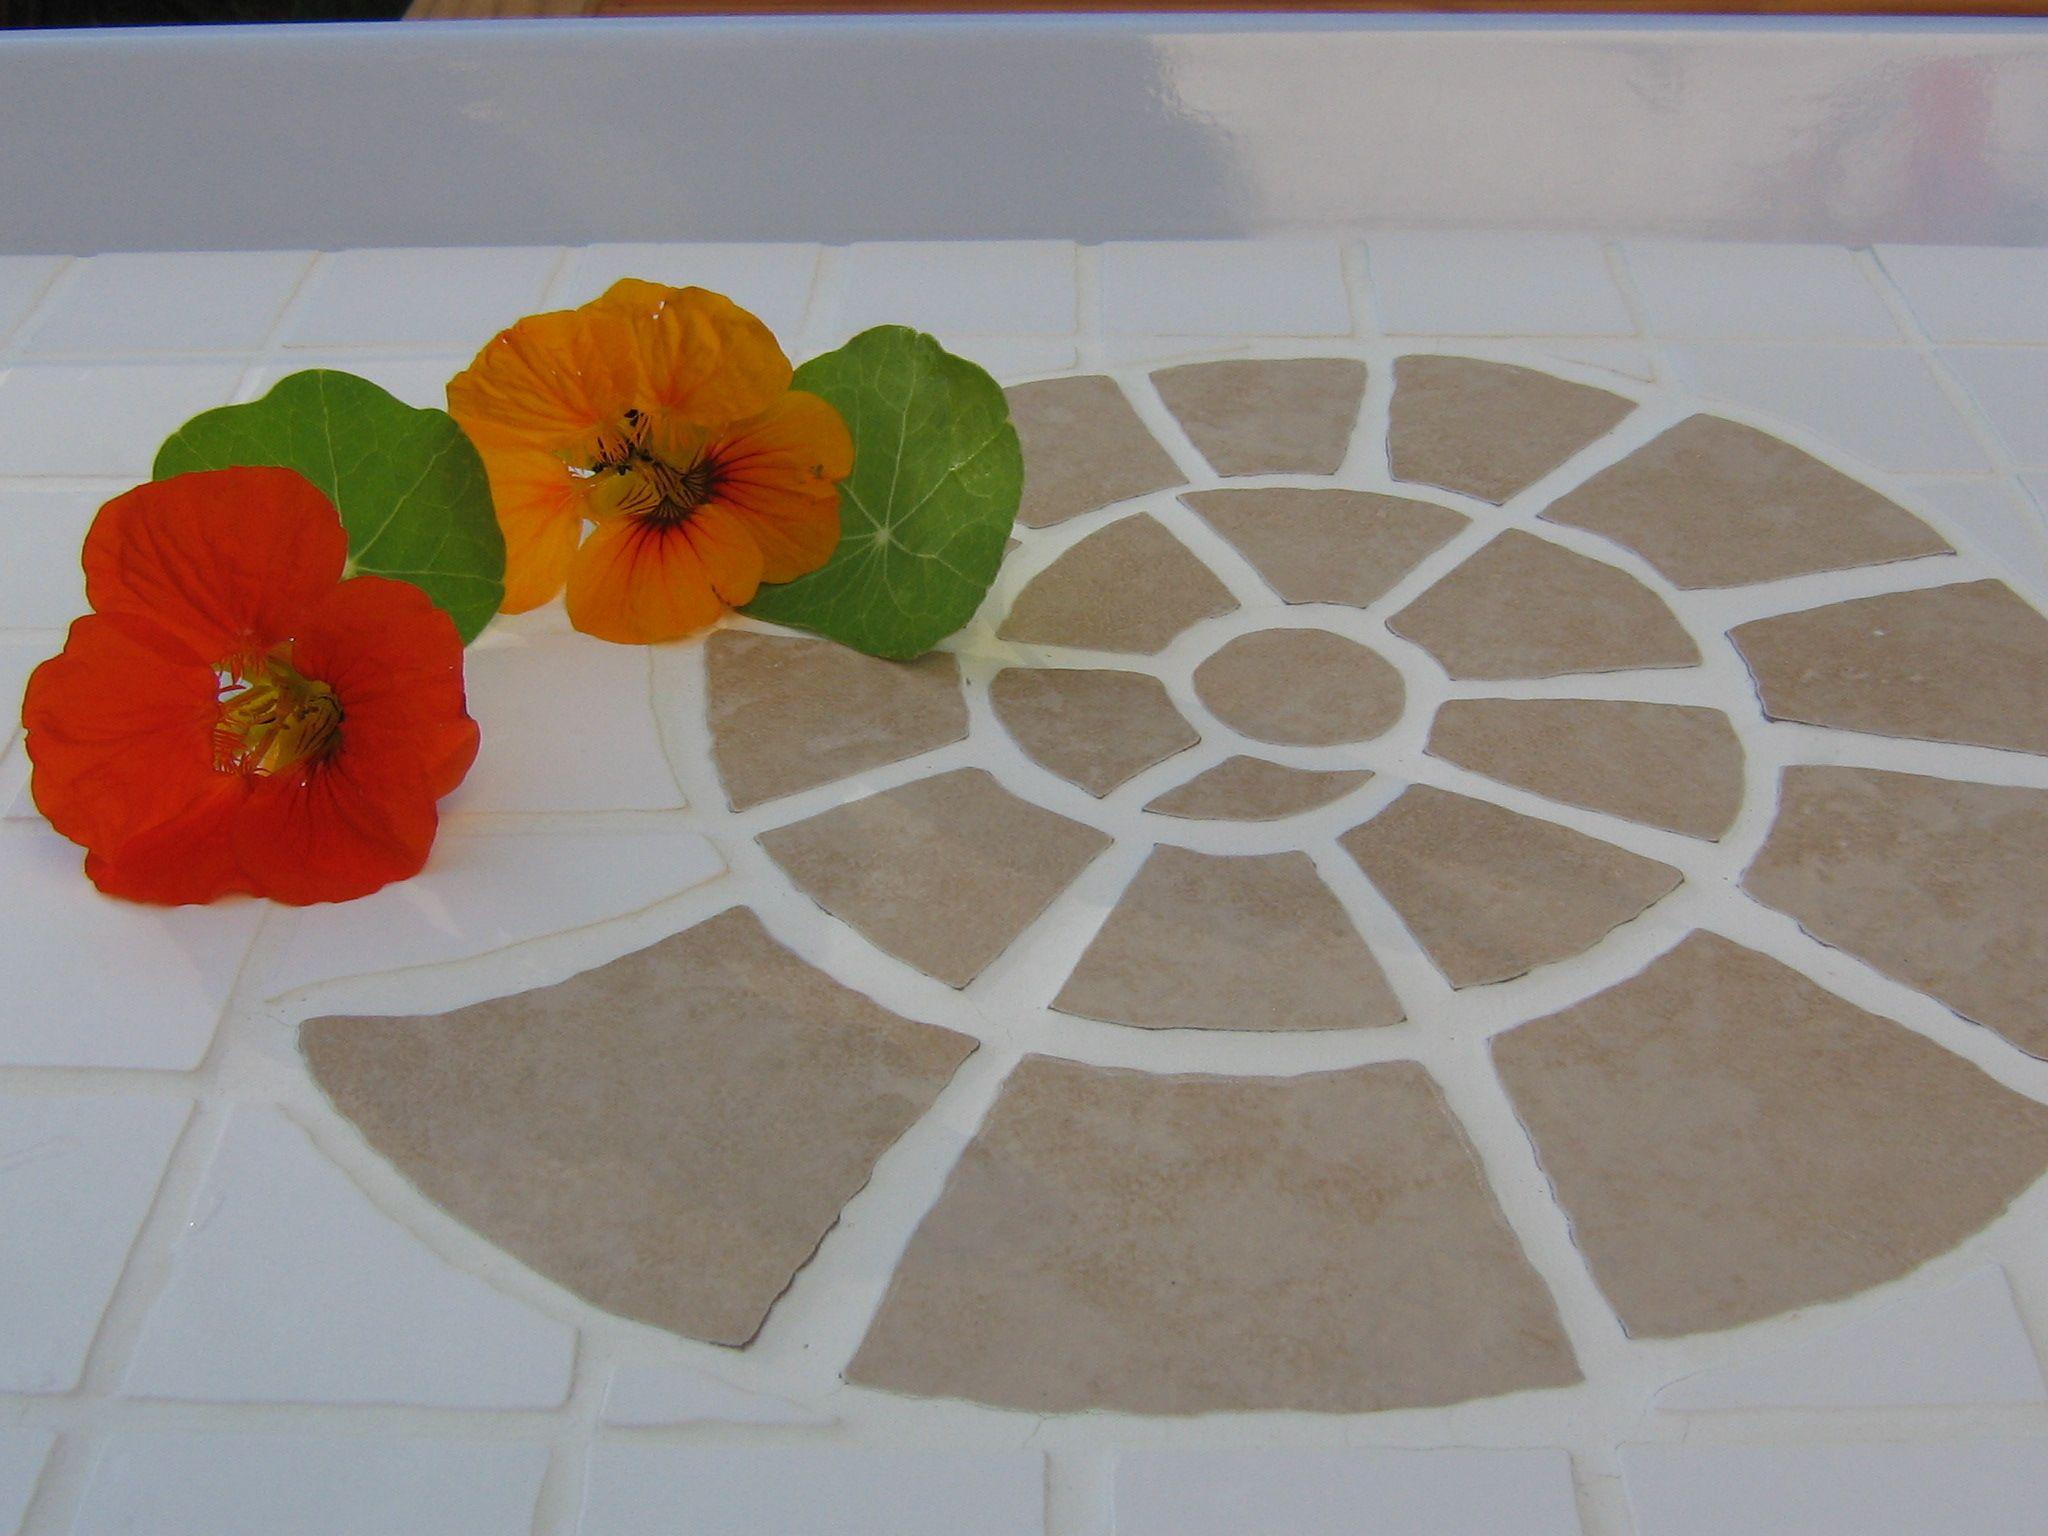 Tablett mit Mosaik aus Fliesen